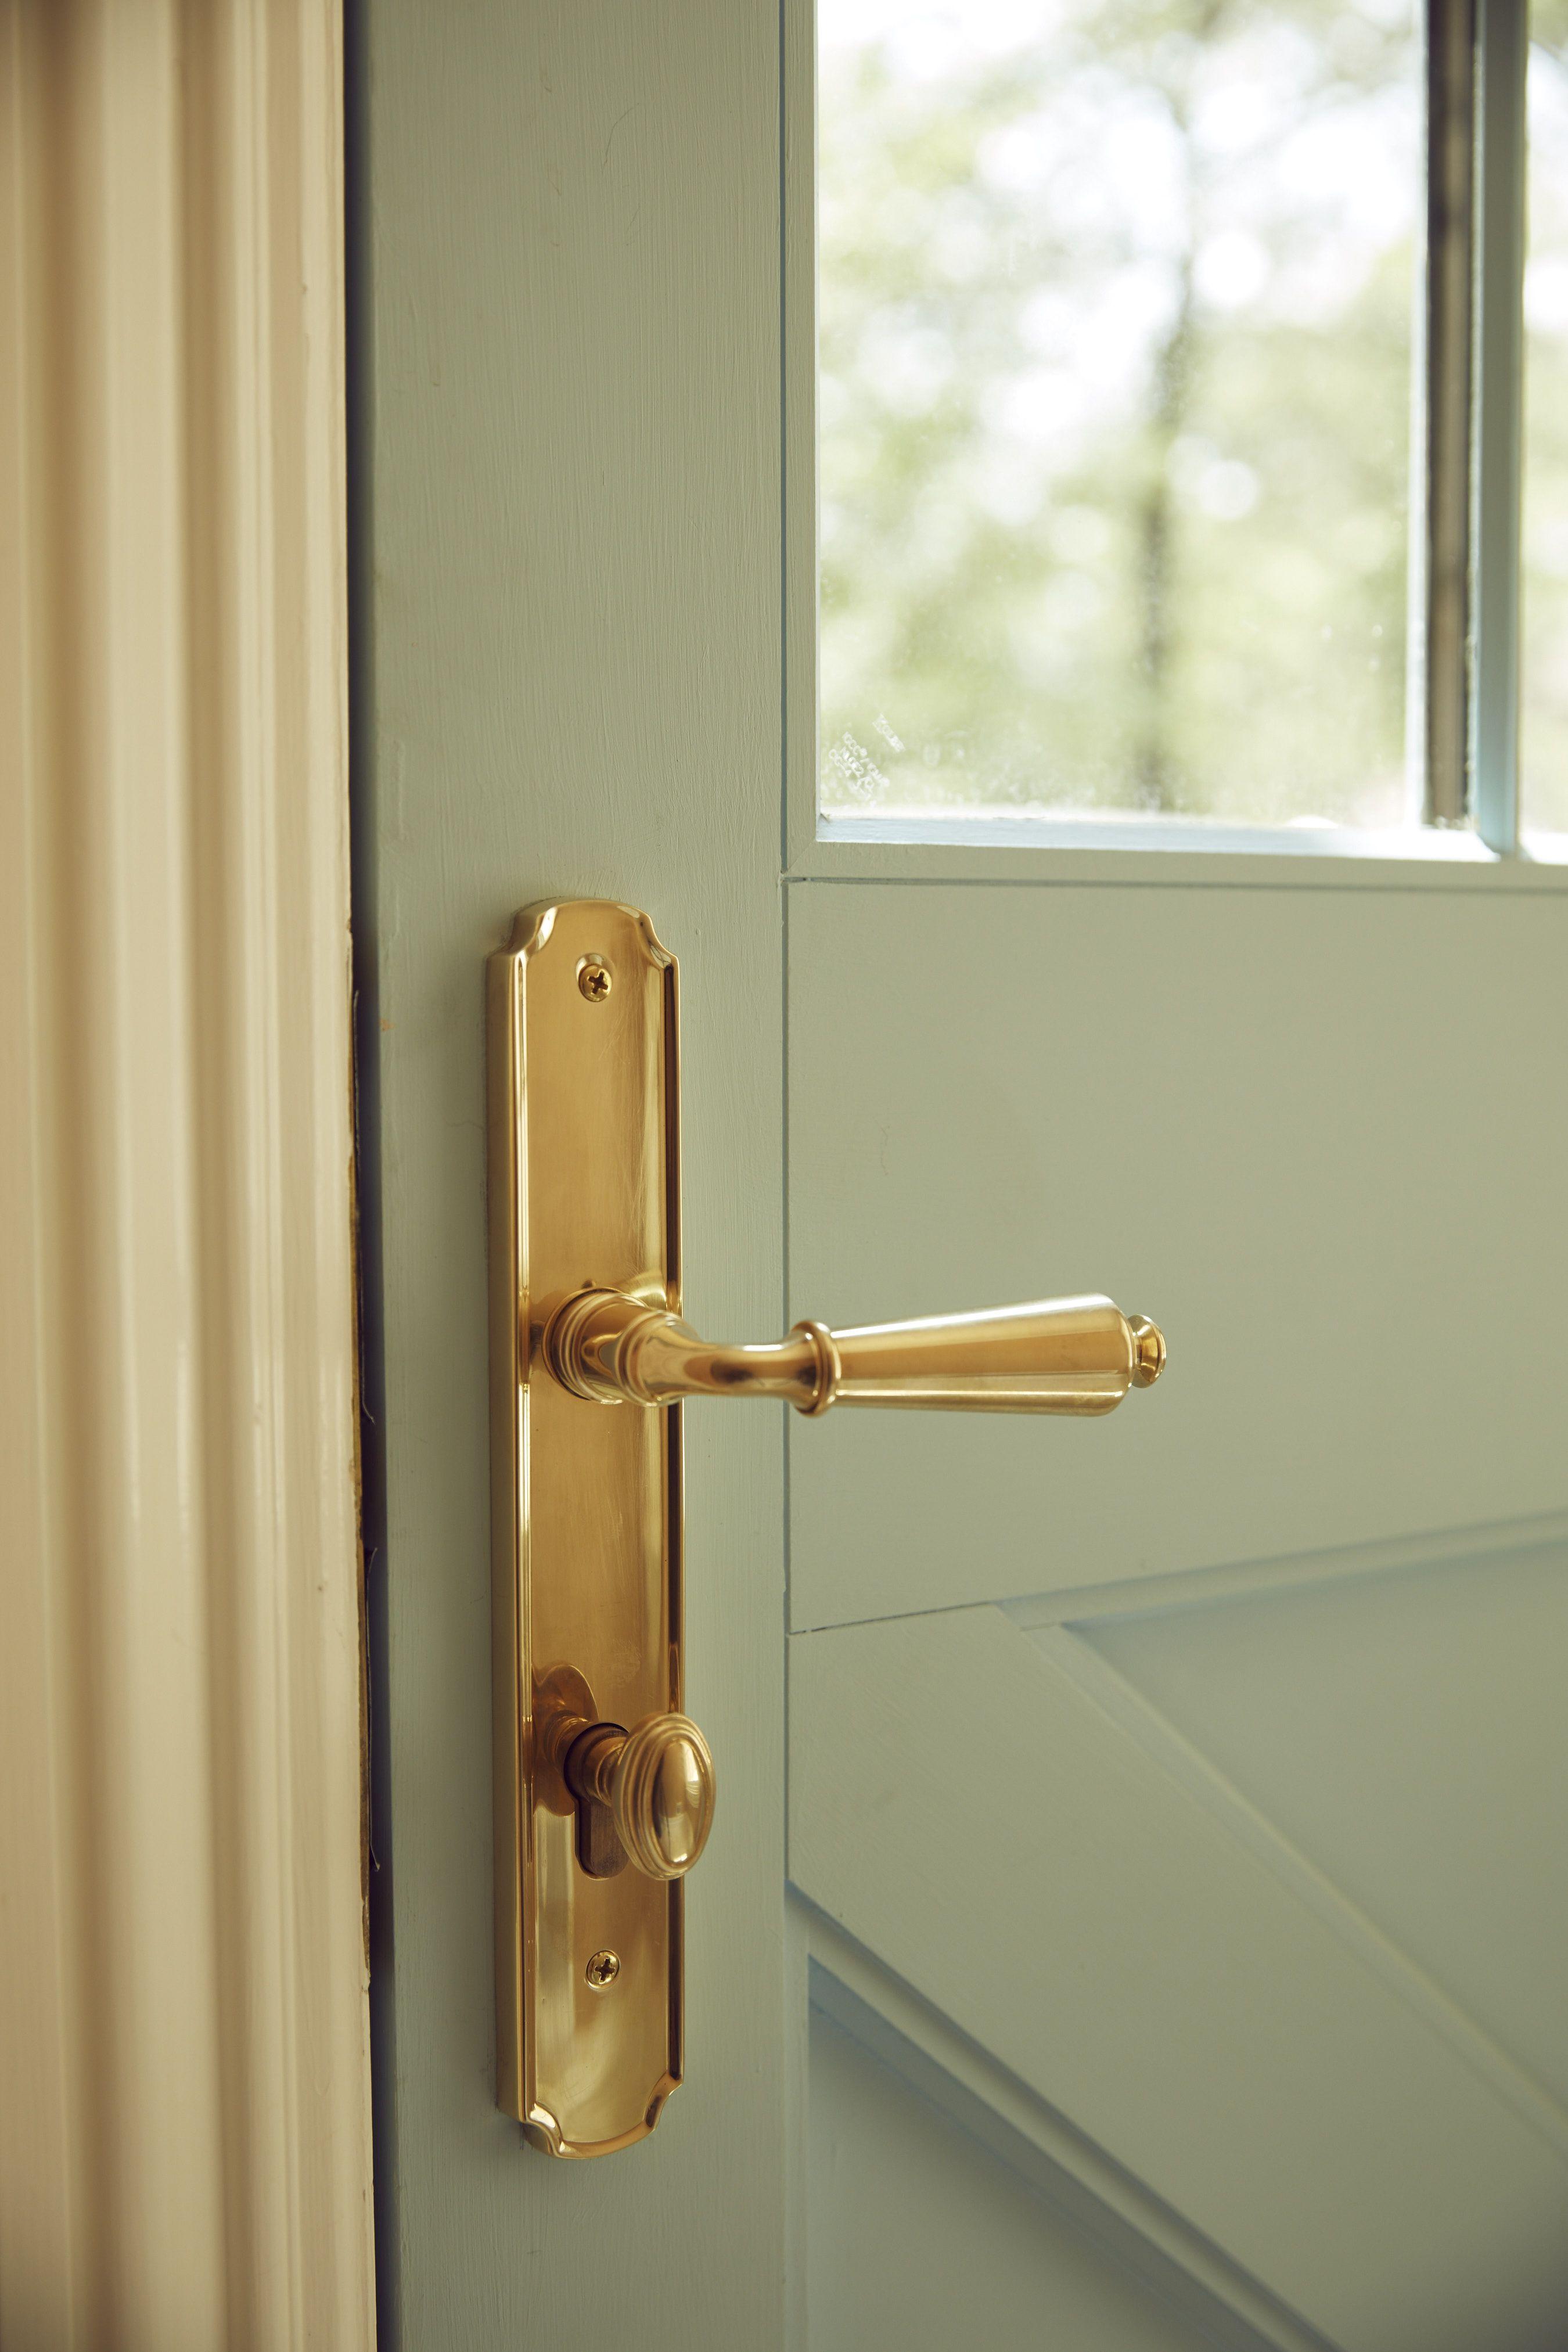 Home Decor. Home Restoration Brass Door Handle Brass Door Pull Vintage Solid Brass Door Handle